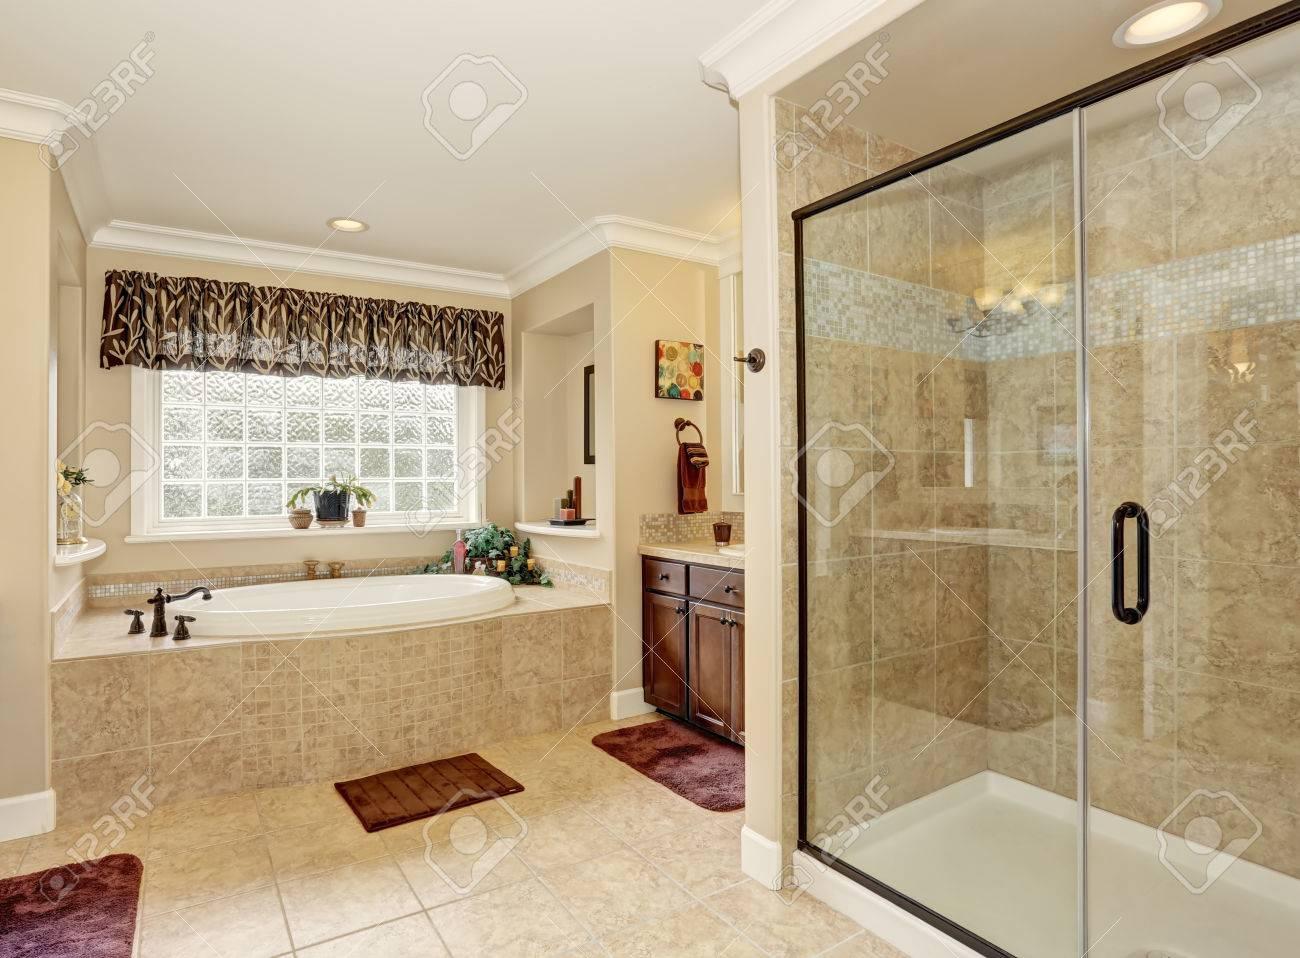 Master Bad Design Mit Beige Fliese. Blick Auf Luxuriöse Badewanne, Dusche  Und Eitelkeit Schrank